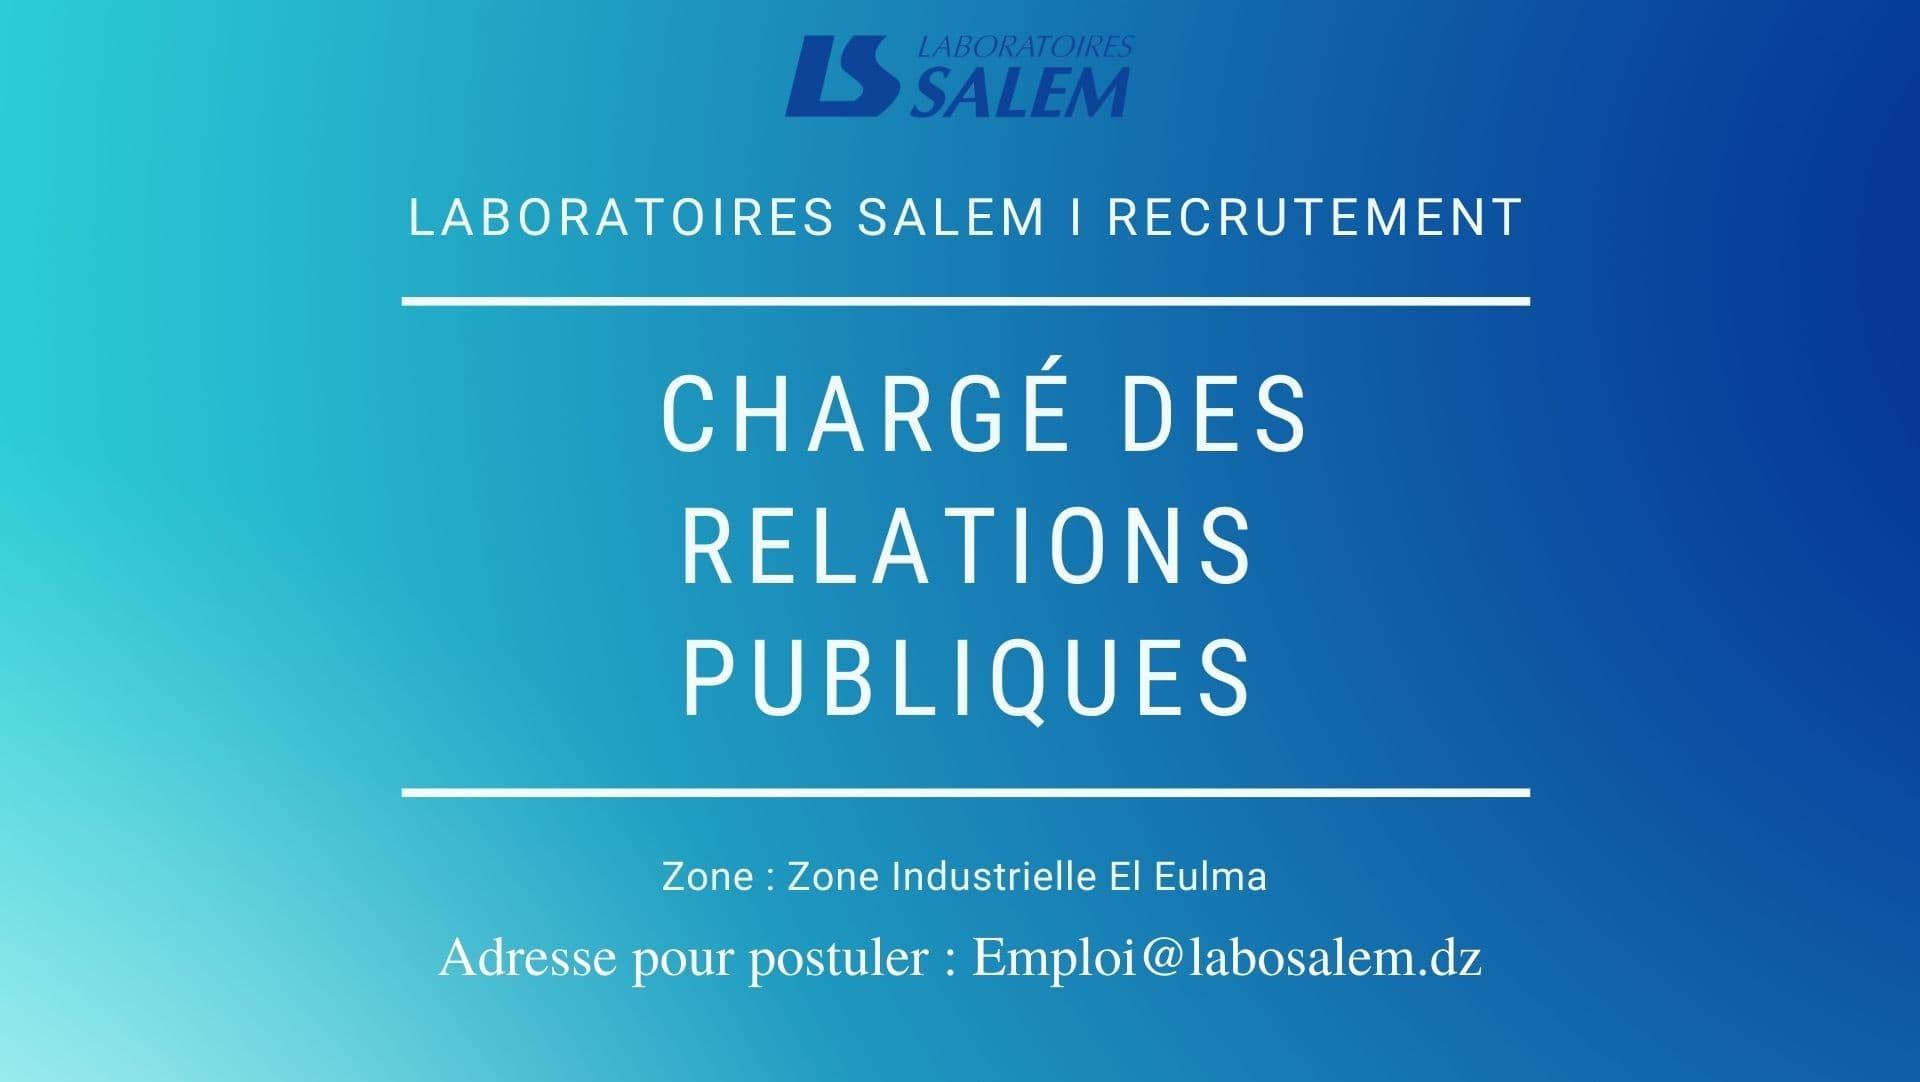 offre d'emploi relation publique, labosalem,emploi,emploi,khedma